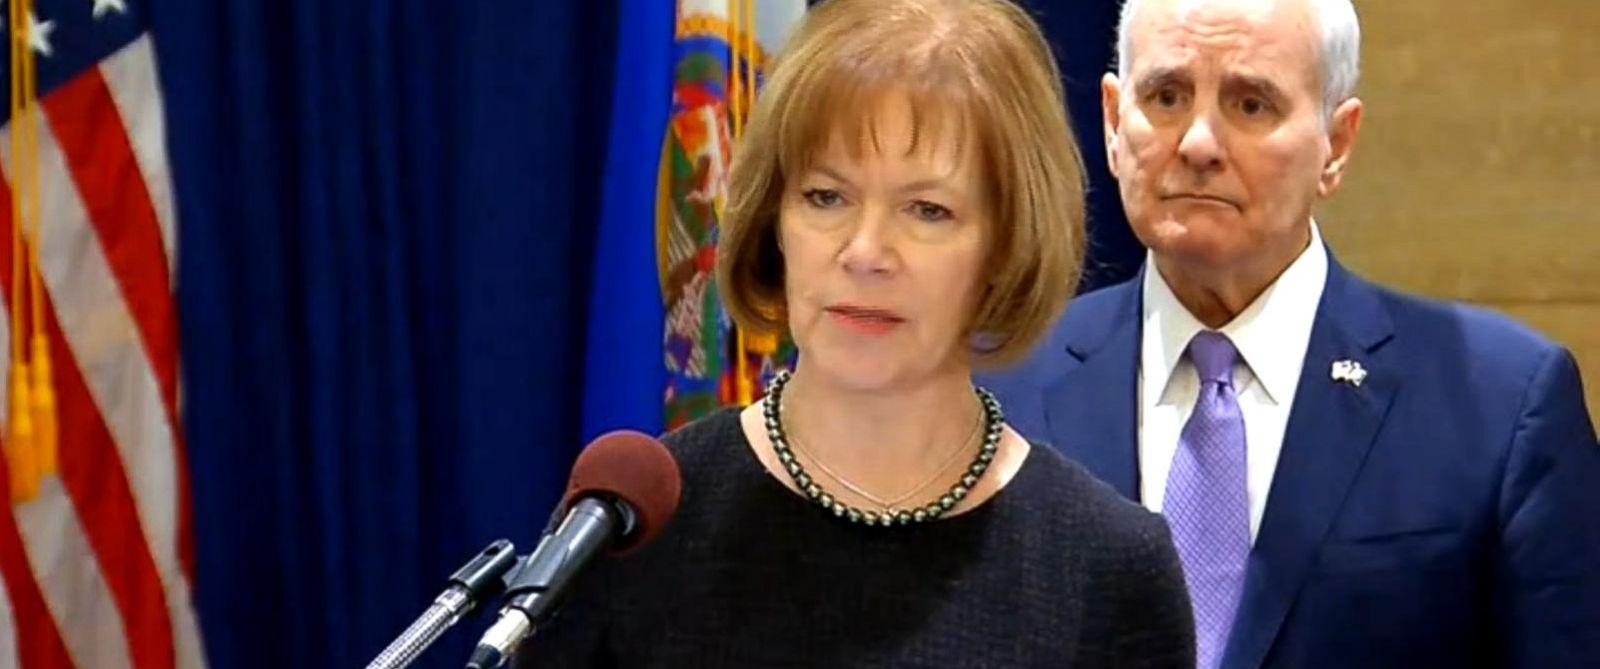 VIDEO: Minnesota Gov. Mark Dayton appointed fellow Democrat Lt. Gov. Tina Smith.